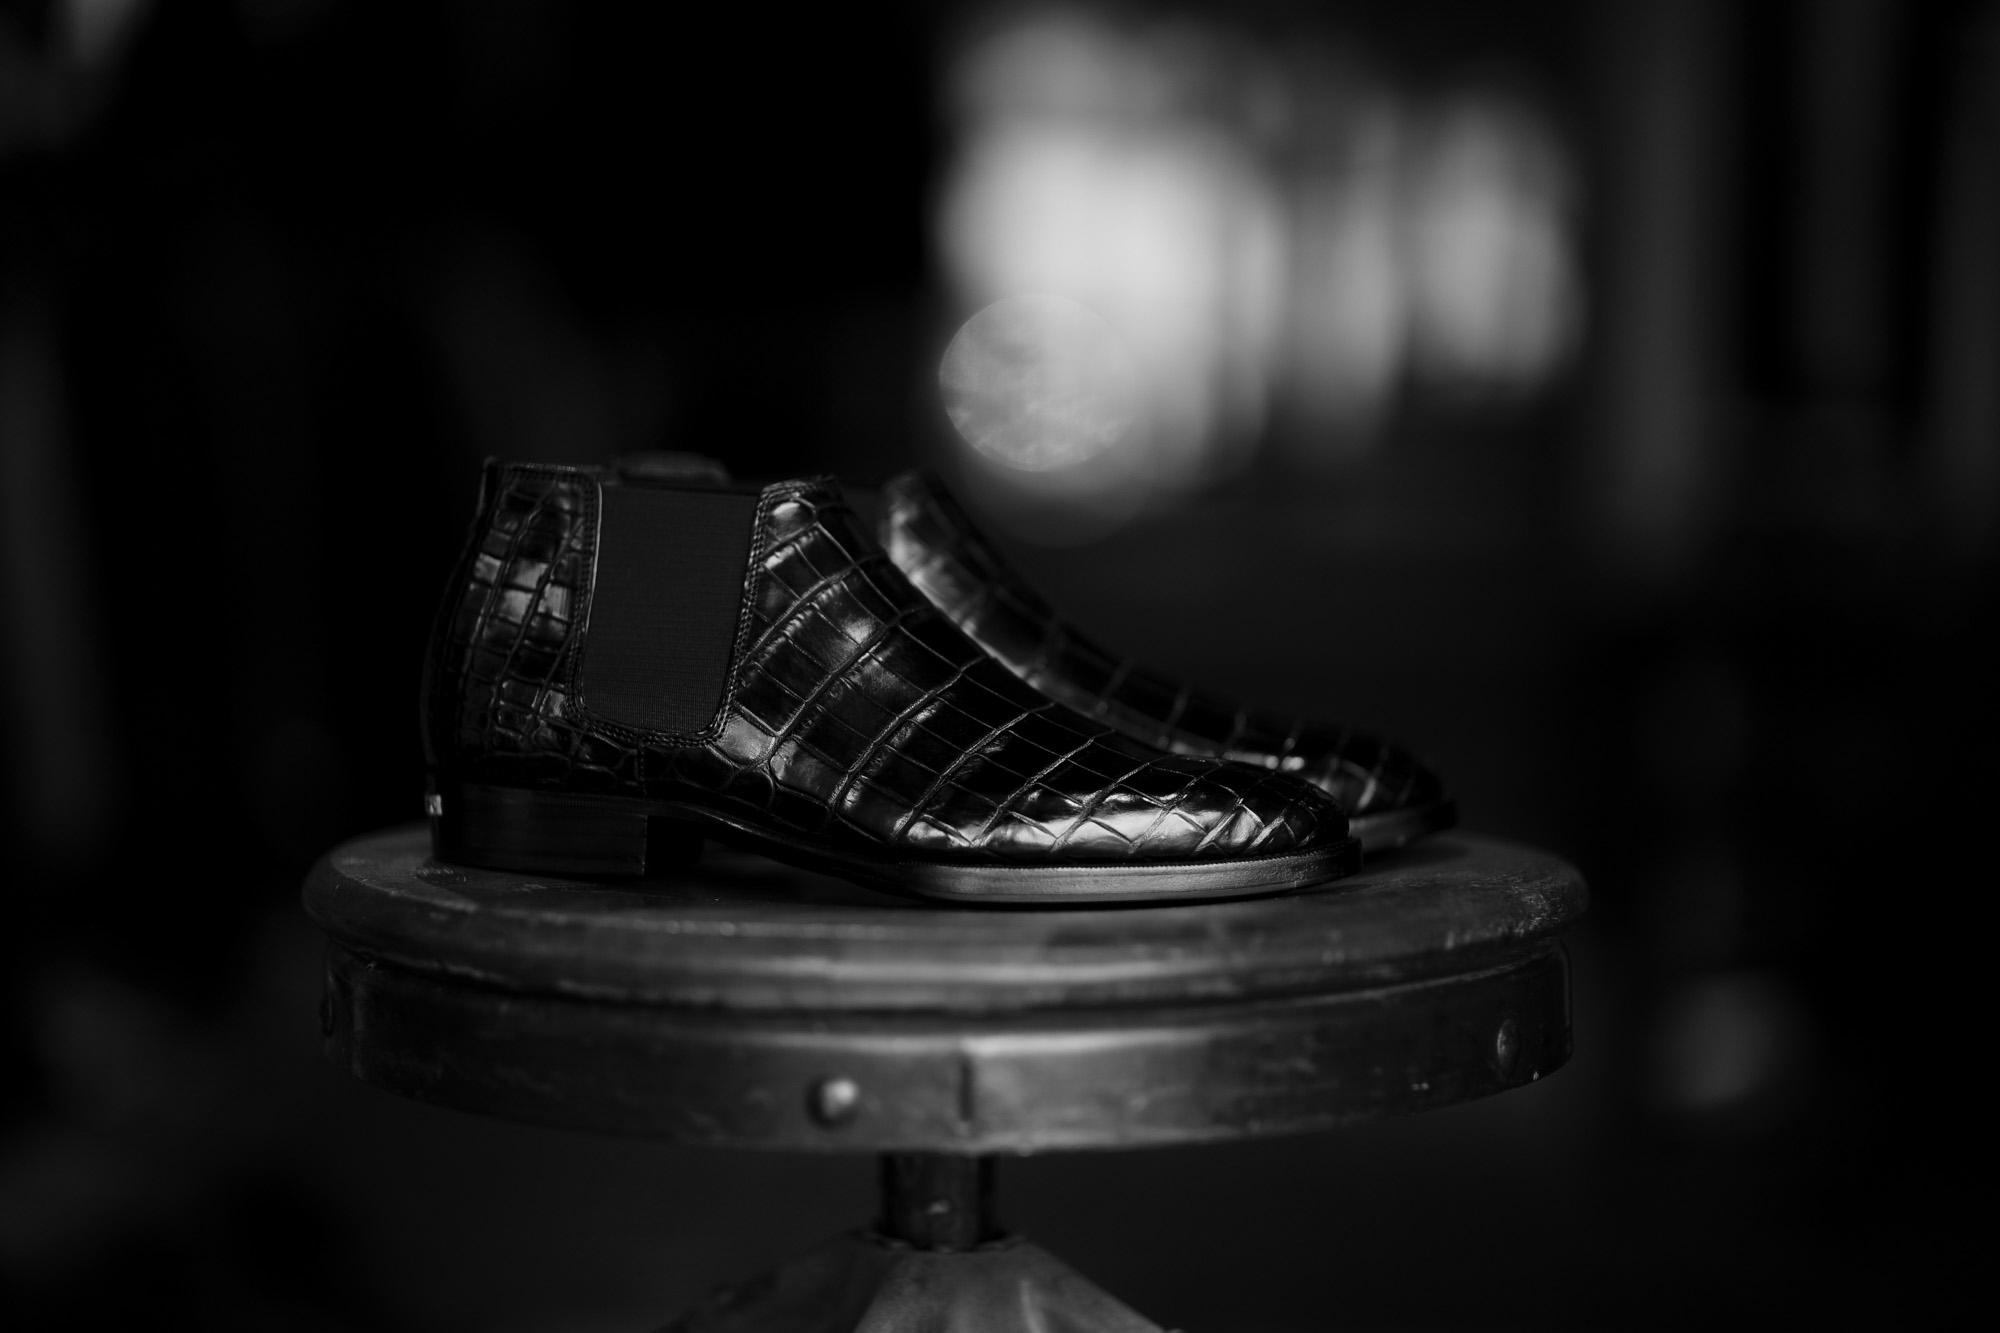 Georges de Patricia(ジョルジュ ド パトリシア) Diablo Crocodile (ディアブロ クロコダイル) 925 STERLING SILVER (925 スターリングシルバー) Crocodile クロコダイル エキゾチックレザー サイドゴアブーツ NOIR (ブラック) 【Special Boots】【第2便ご予約受付中】アルトエデリット ジョルジュドパトリシア ブーツ 超絶ブーツ ランボルギーニ ディアブロ lamborghini